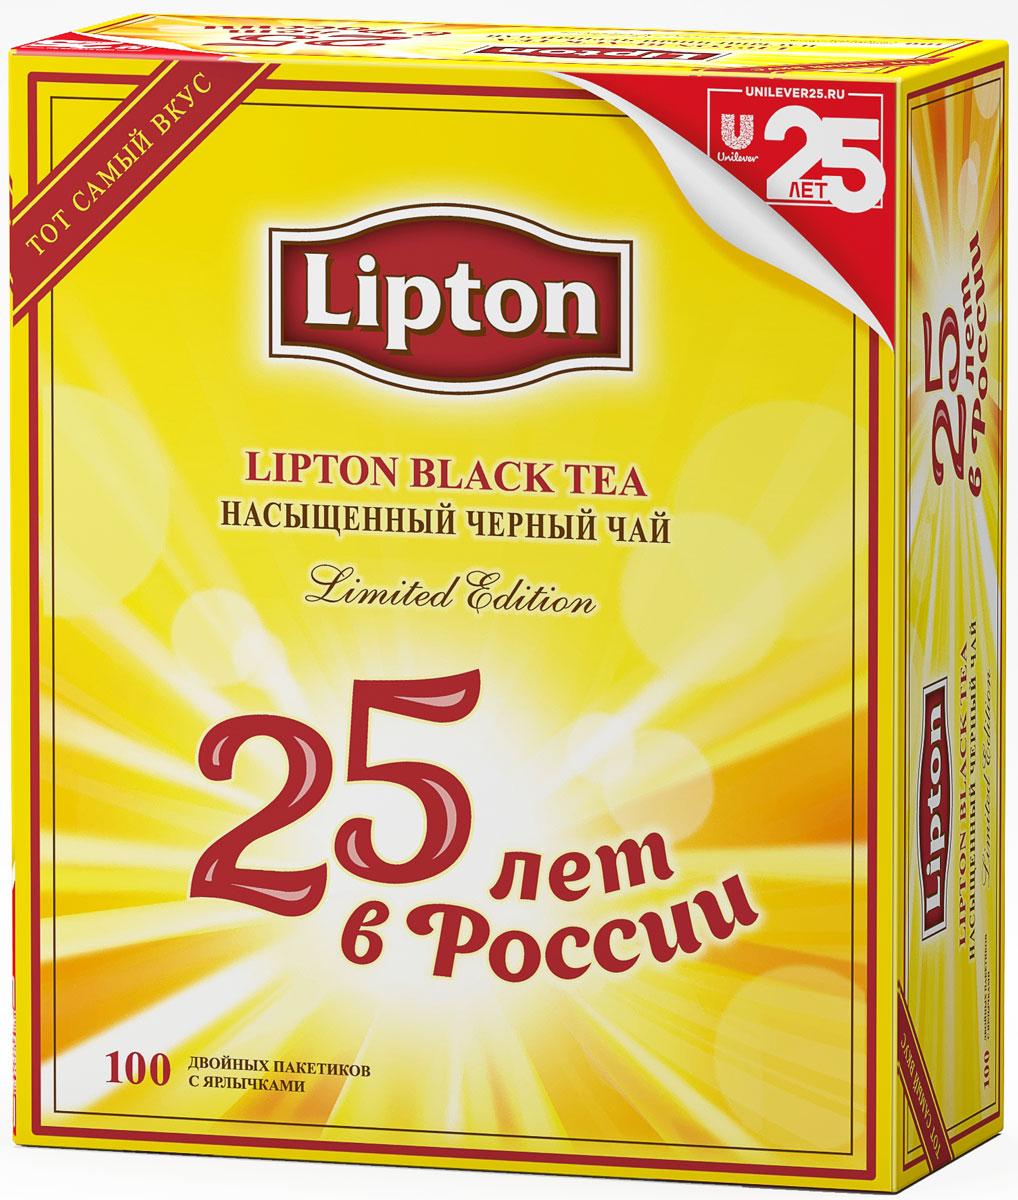 Lipton черный чай юбилейный 25 лет в пакетиках, 100 шт67152227В этом году Lipton отмечает 25 лет в России! Специально к юбилею выпущена ограниченная серия Lipton Юбилейный - крепкий черный чай с насыщенным вкусом и богатым ароматом. Неизменное качество и вкус, как и 25 лет назад! Откройте для себя всю силу чайного листа вместе с всемирно известным напитком от Lipton!Научно доказано, что в чае содержится огромное количество витаминов и микроэлементов, поэтому, выпивая чашку чая, вы не только поглощаете приятный и бодрящий напиток, но и получаете полезные вещества, такие, как: антиоксиданты, аминокислоты и белки, эфирные масла, придающие неповторимый аромат чаю. Чай мягко тонизирует и помогает сконцентрироваться. Чай с мировым именем Lipton - это лидер среди чайных брендов: его пьют в более чем 150 странах. Мировой объем потребления чая Lipton составляет 4,5 млрд литров в год. Каждый день в мире выпивается 205 млн чашек чая Lipton.Ключевой фактор в укреплении лидерских позиций Lipton - высокое качество и внимание к меняющимся предпочтениям потребителей. Специалисты Lipton внимательно следят за каждым этапом создания чая, начиная с рождения чайного листа и заканчивая купажированием, чтобы Вы могли в полной мере насладиться насыщенным вкусом и богатым ароматом вашего любимого чая. Продукция компании - это только свежие чайные листья, натуральный сок чайных листьев, насыщенный вкус и богатый аромат чая.Пусть ваш день станет ярче с превосходным вкусом чая Lipton English Breakfast! Нежные чайные листочки, выращенные под теплыми лучами солнца, дарят чаю насыщенный вкус и превосходный богатый аромат. Ощутите тепло солнца в каждой чашке. Чай обогащен соком из свежих чайных листьев. Lipton English Breakfast - крепкий и бодрящий. Вкус, пробуждающий, как первый луч солнца. Идеально подходит для начала великолепного дня.Всё о чае: сорта, факты, советы по выбору и употреблению. Статья OZON Гид